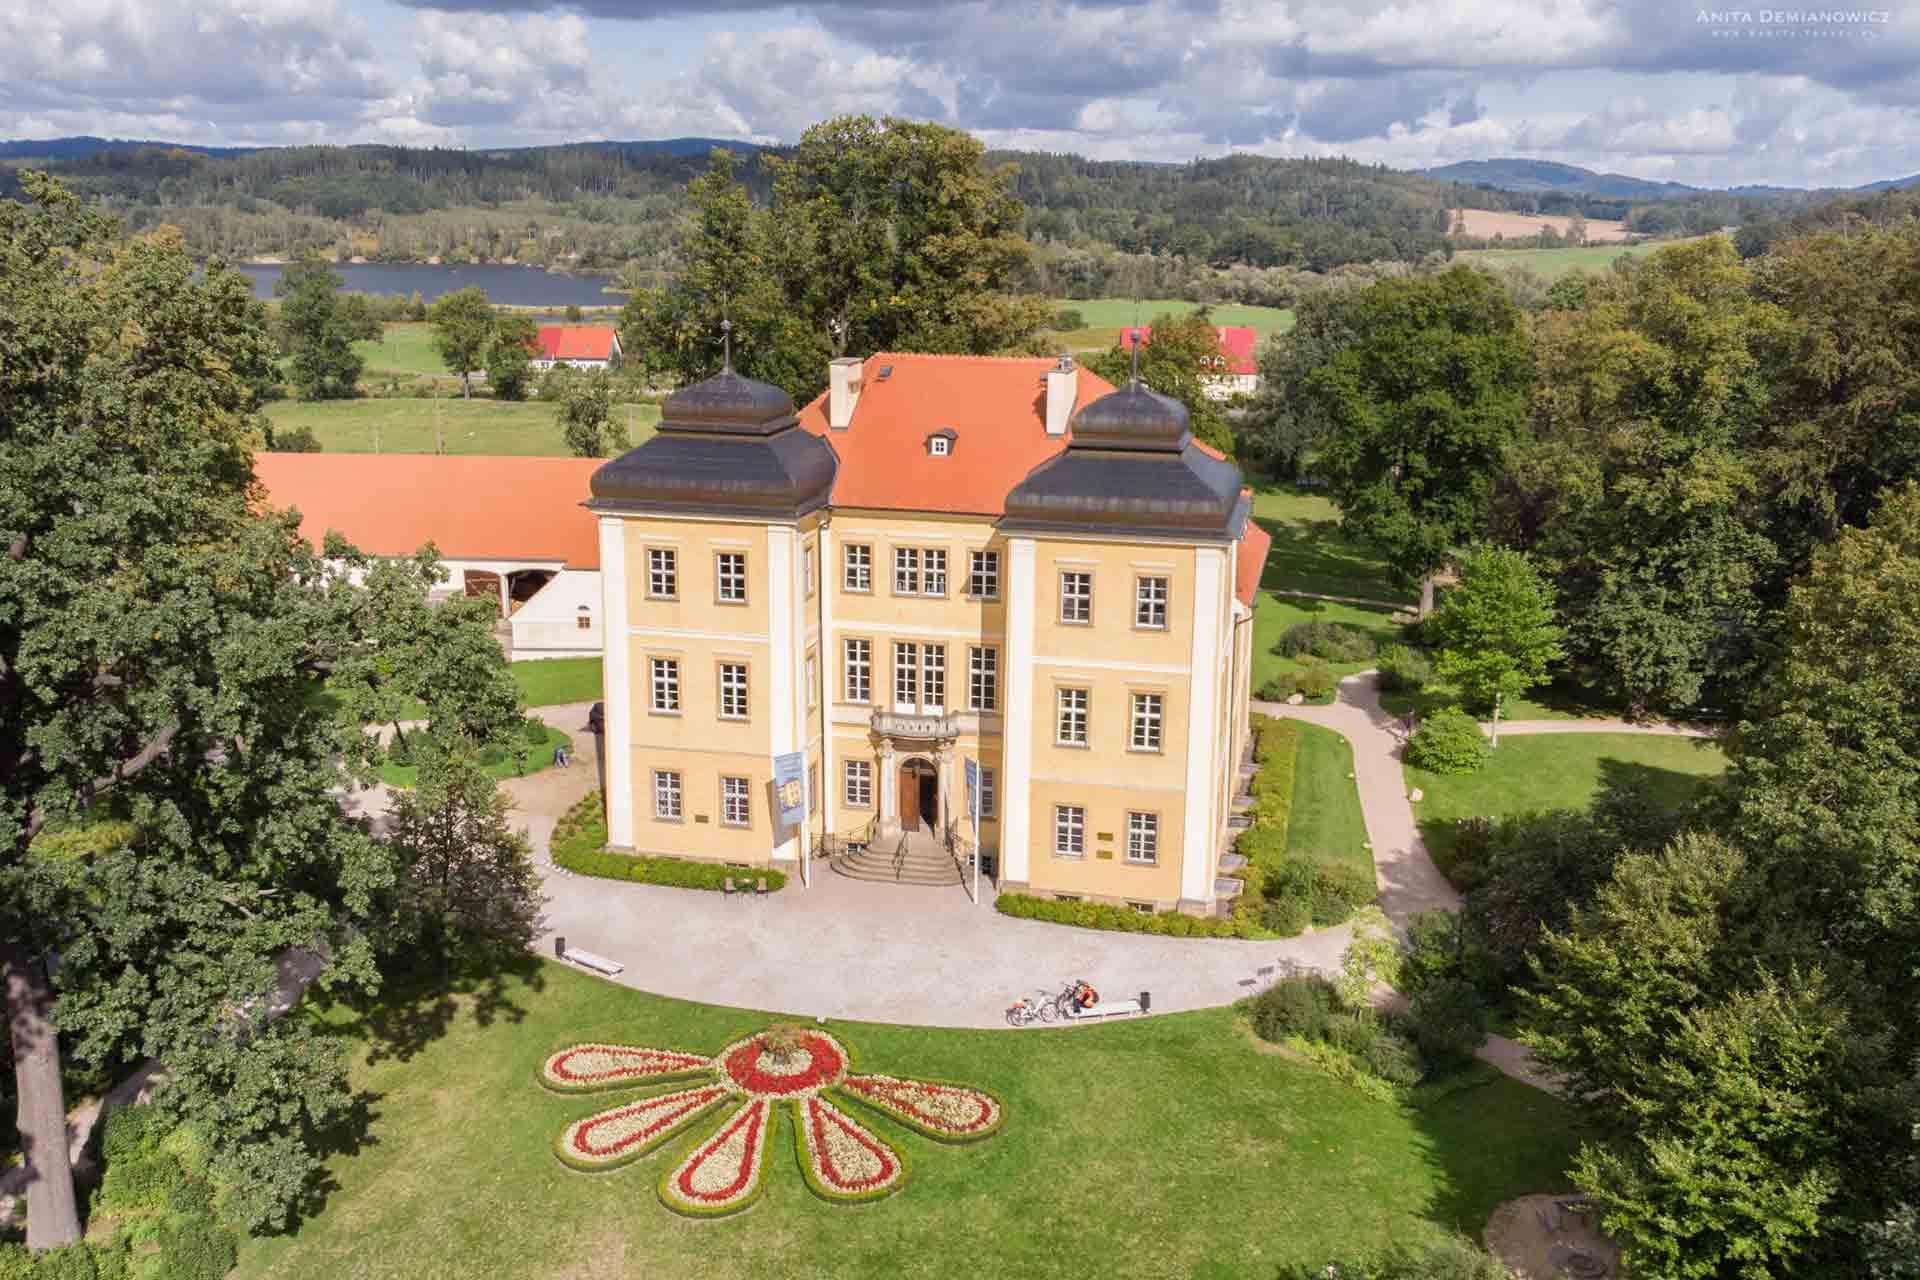 Zamki ipałace naDolnym Śląsku